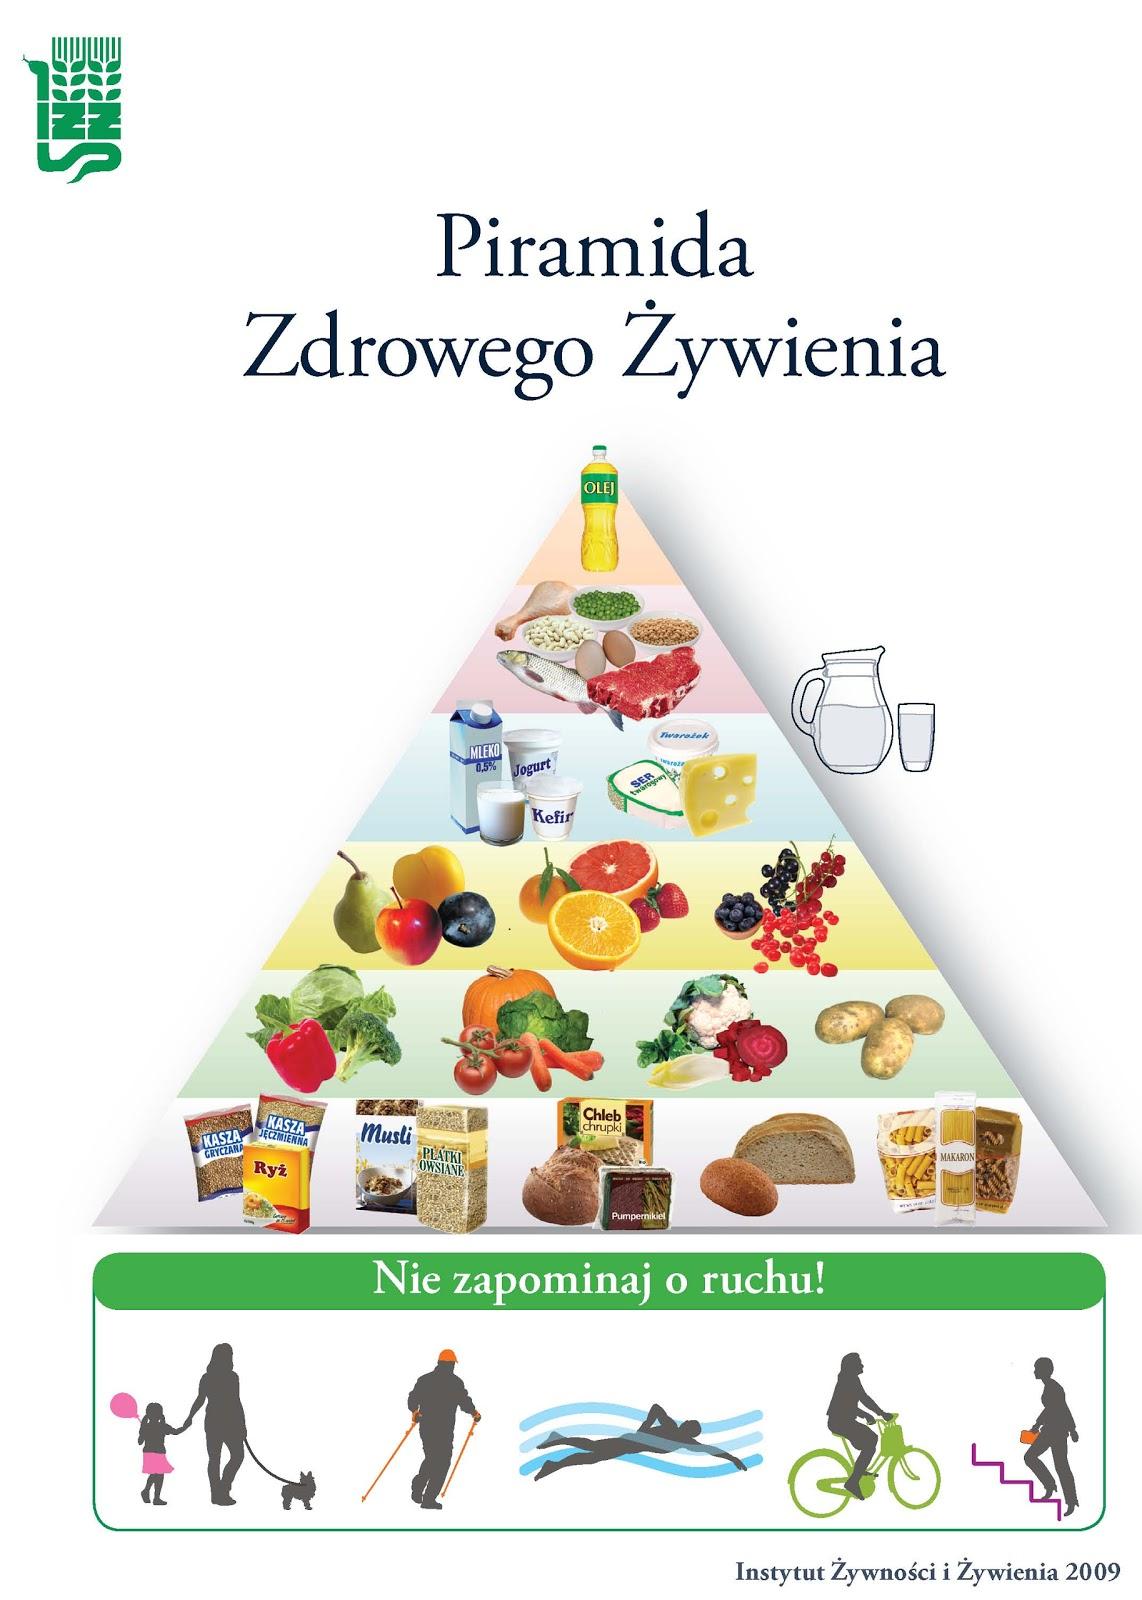 ABC zdrowego odżywiania: Piramida Zdrowego Żywienia